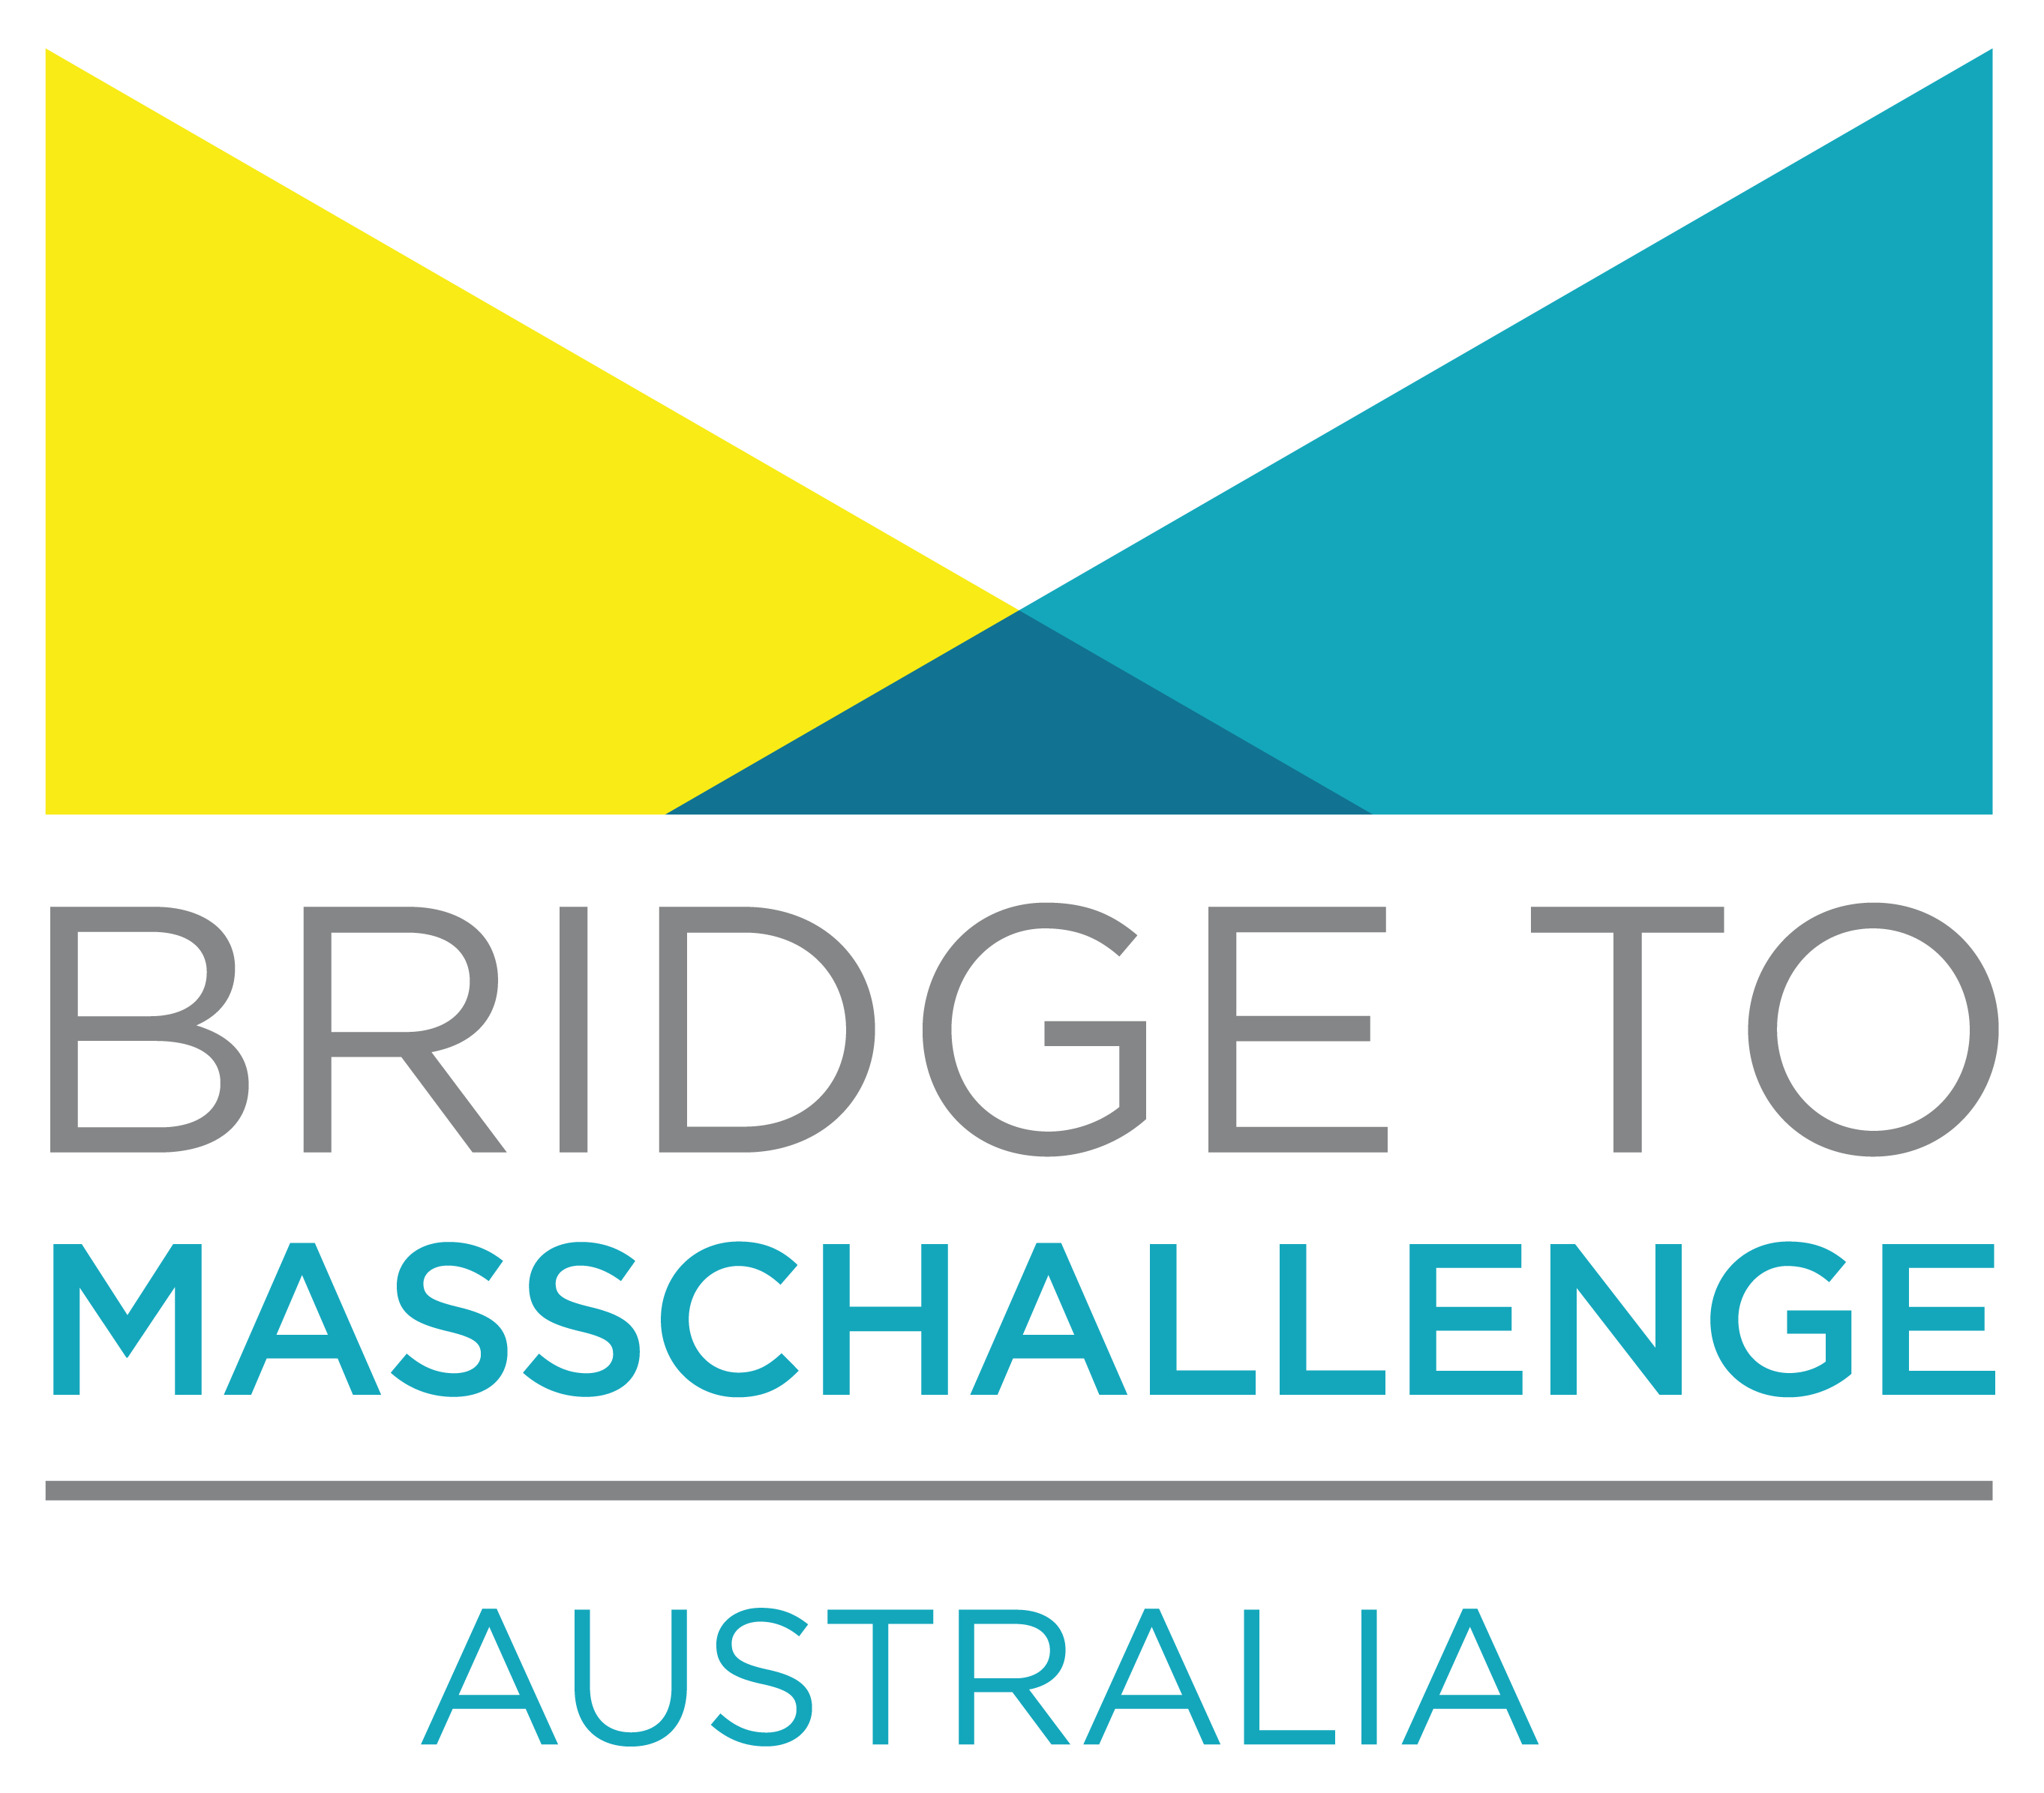 2016-07-27_B2MC_Aus_Logo-01-1.png